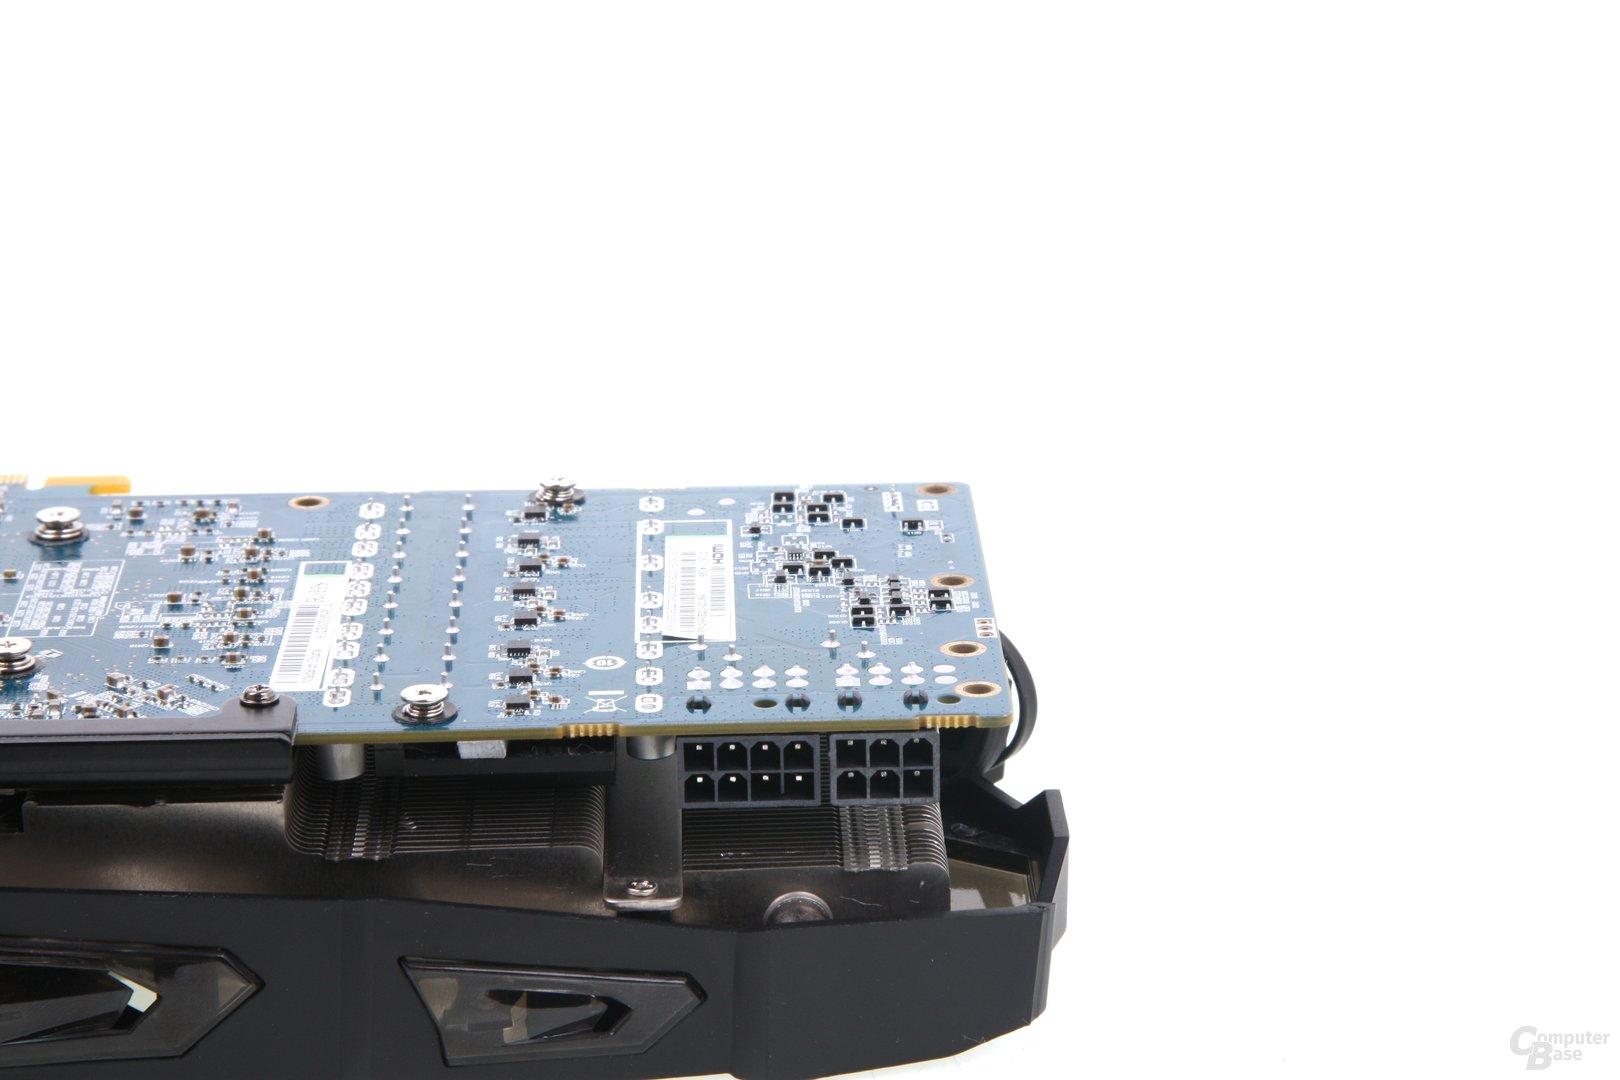 Radeon HD 7970 GHz Edition Vapor-X Stromanschlüsse